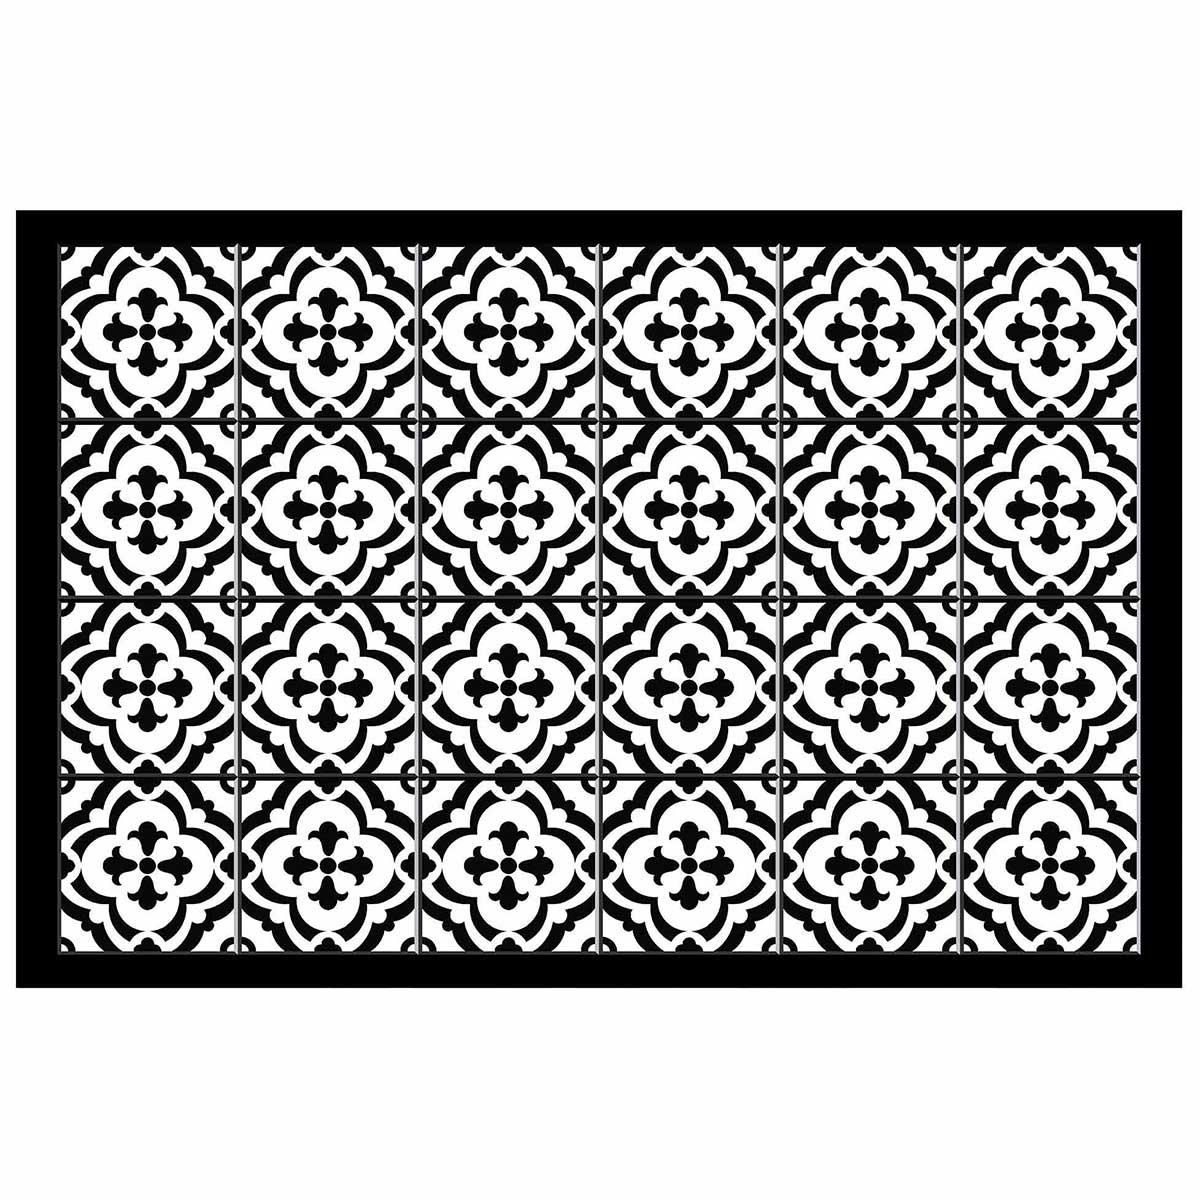 Tapis rectangulaire en vinyl imprimé (Noir)